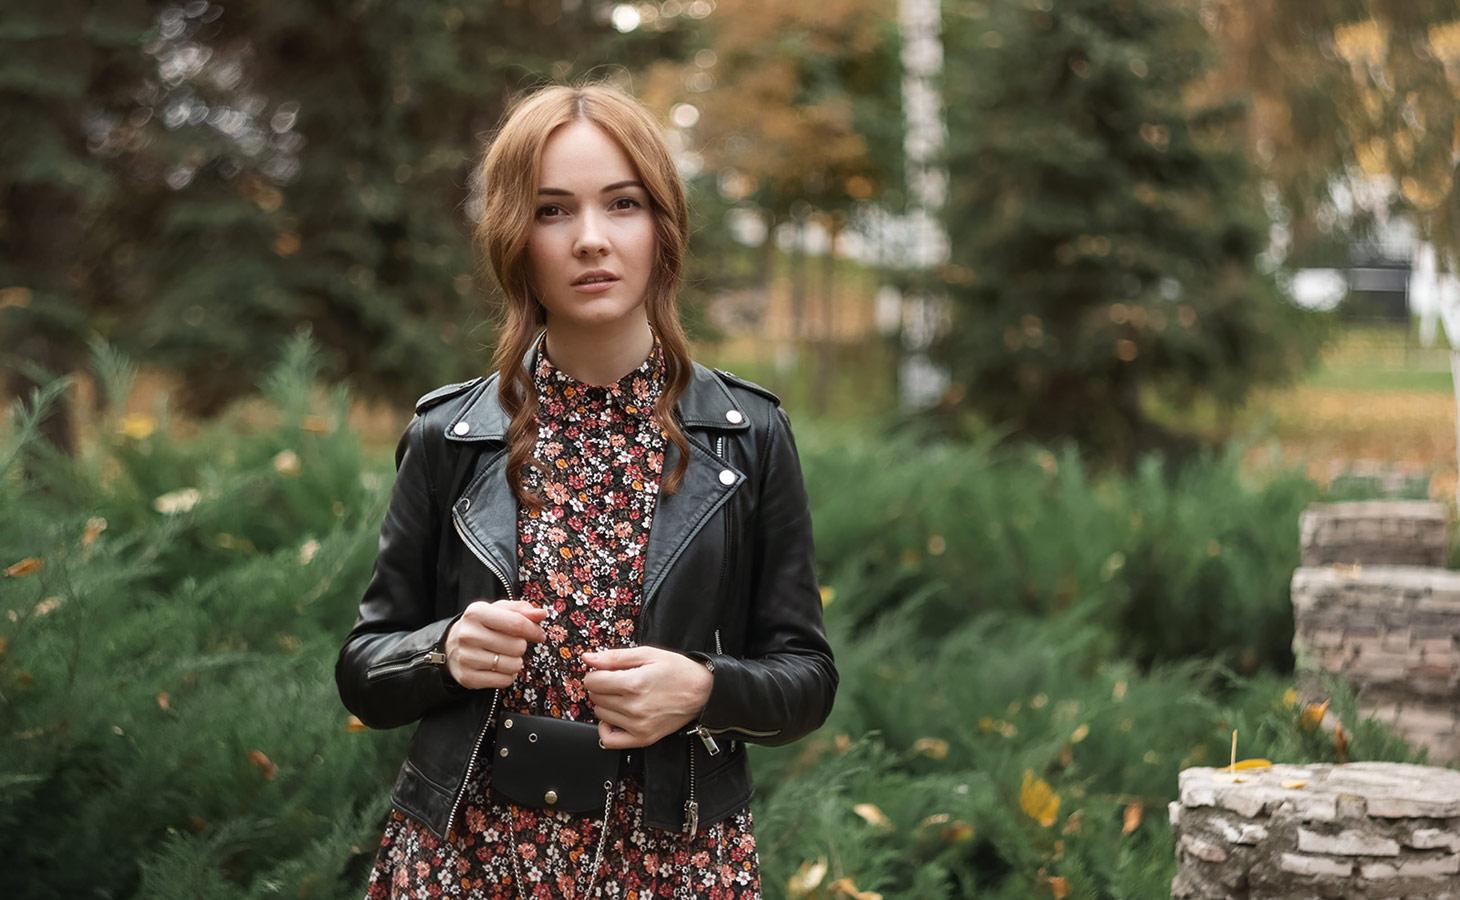 ***, © Илья Александров, Фотоконкурс «Осенний портрет»